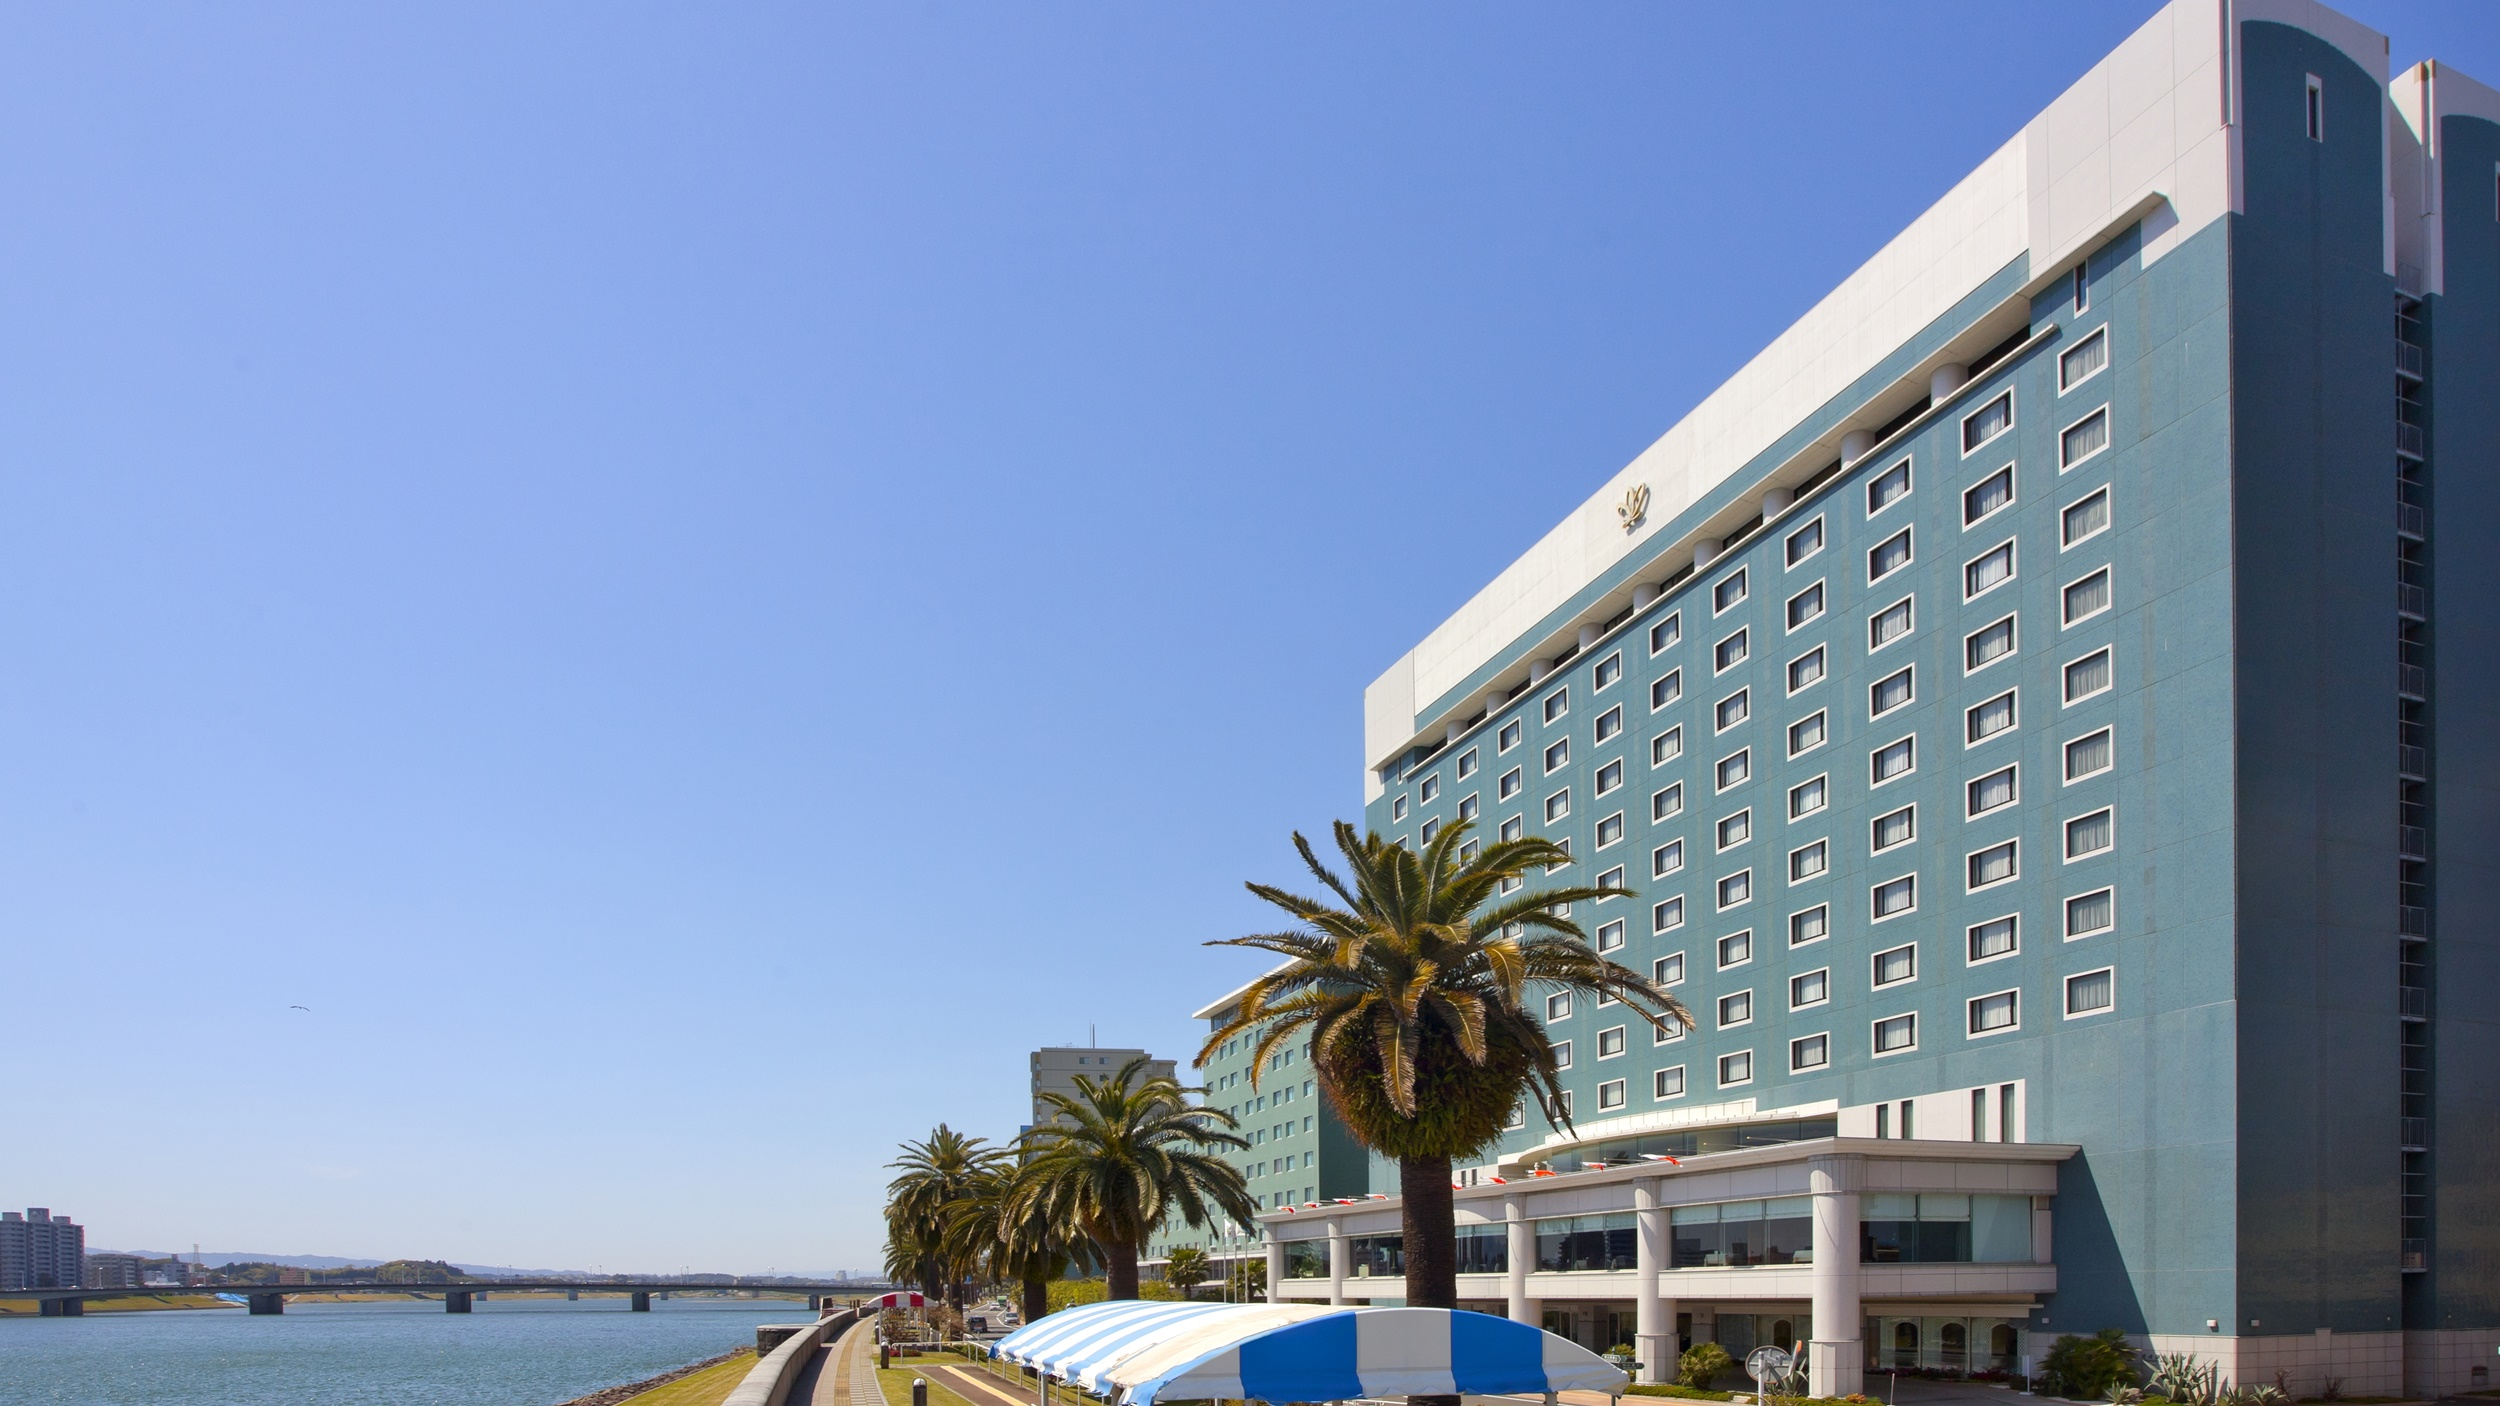 たまゆら温泉 宮崎観光ホテル image